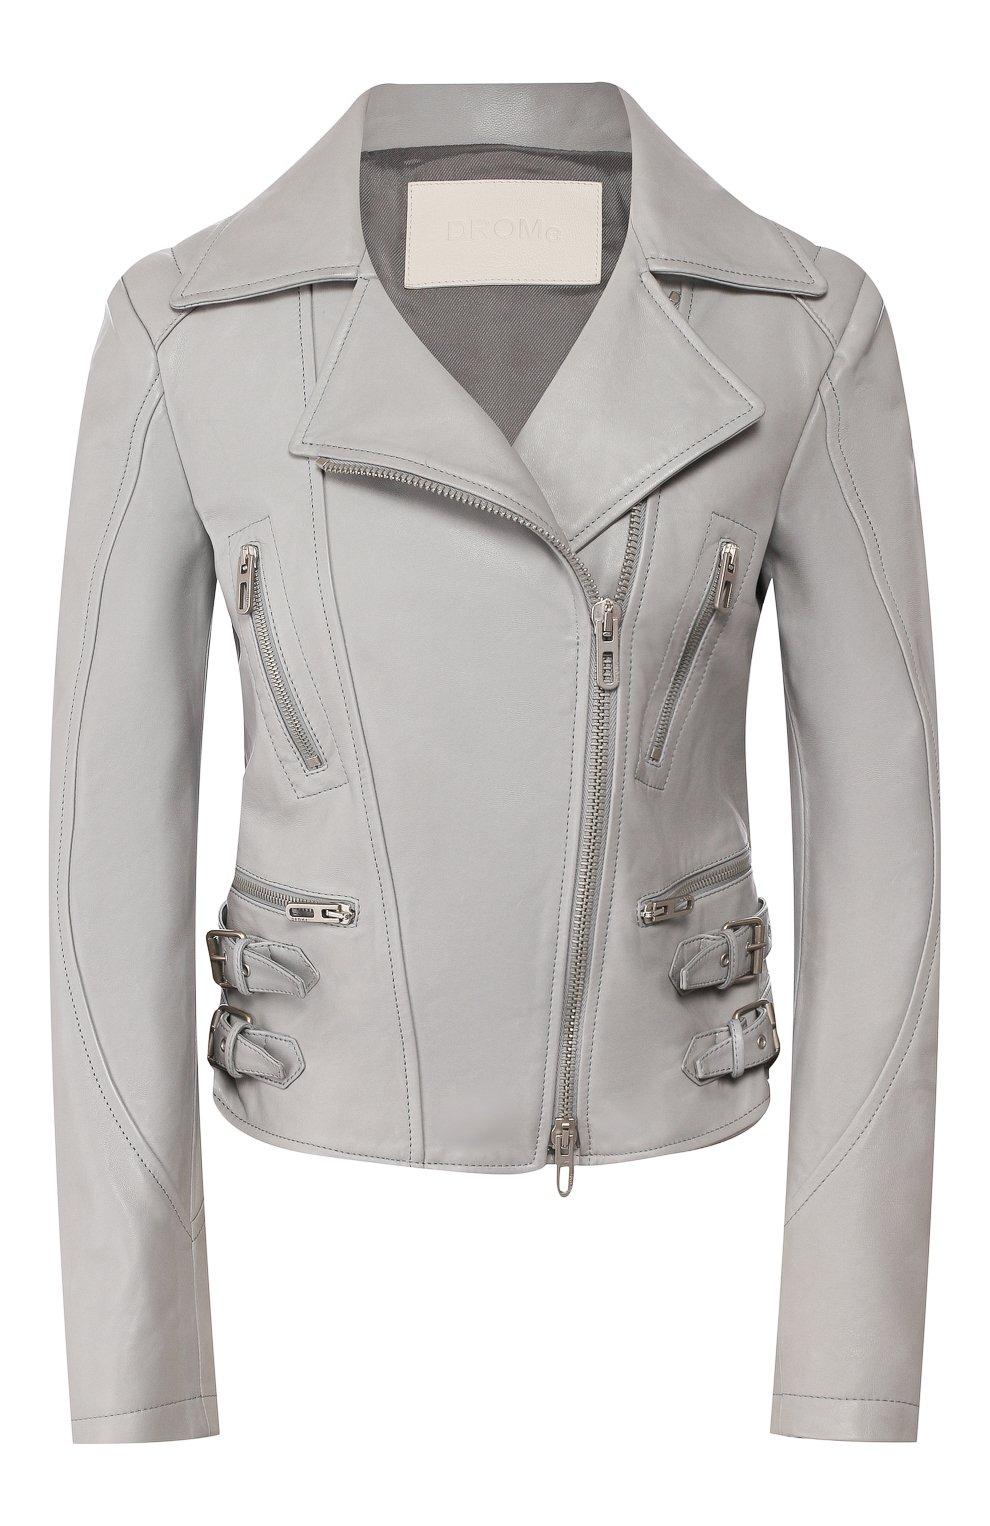 Женская кожаная куртка DROME серого цвета, арт. DPD3014/D1098   Фото 1 (Кросс-КТ: Куртка; Рукава: Длинные; Материал внешний: Кожа; Женское Кросс-КТ: Замша и кожа; Длина (верхняя одежда): Короткие; Материал подклада: Вискоза)